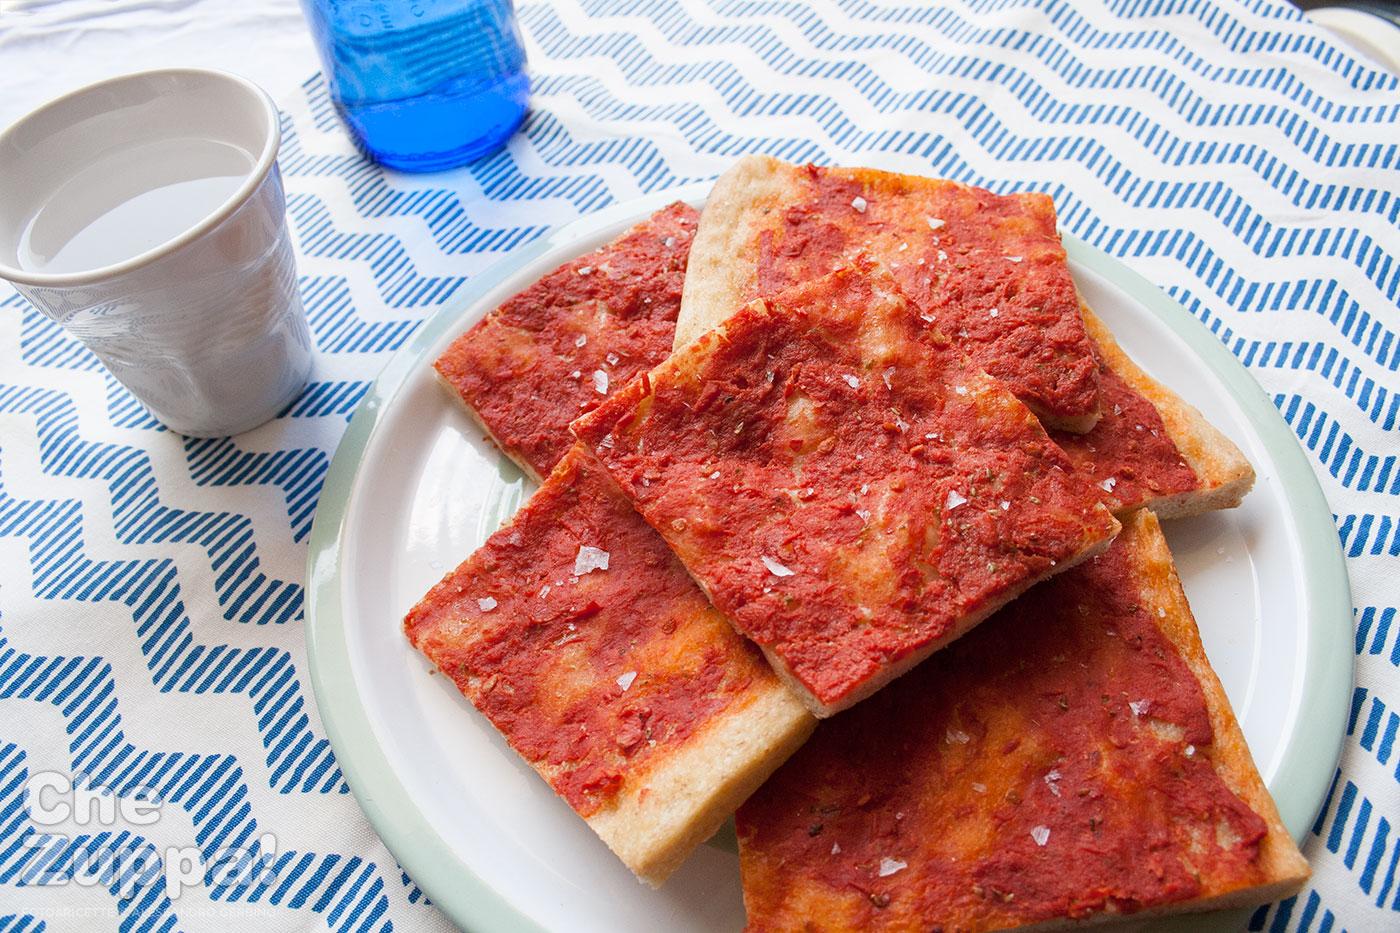 Ricetta pizza rossa con lievito madre